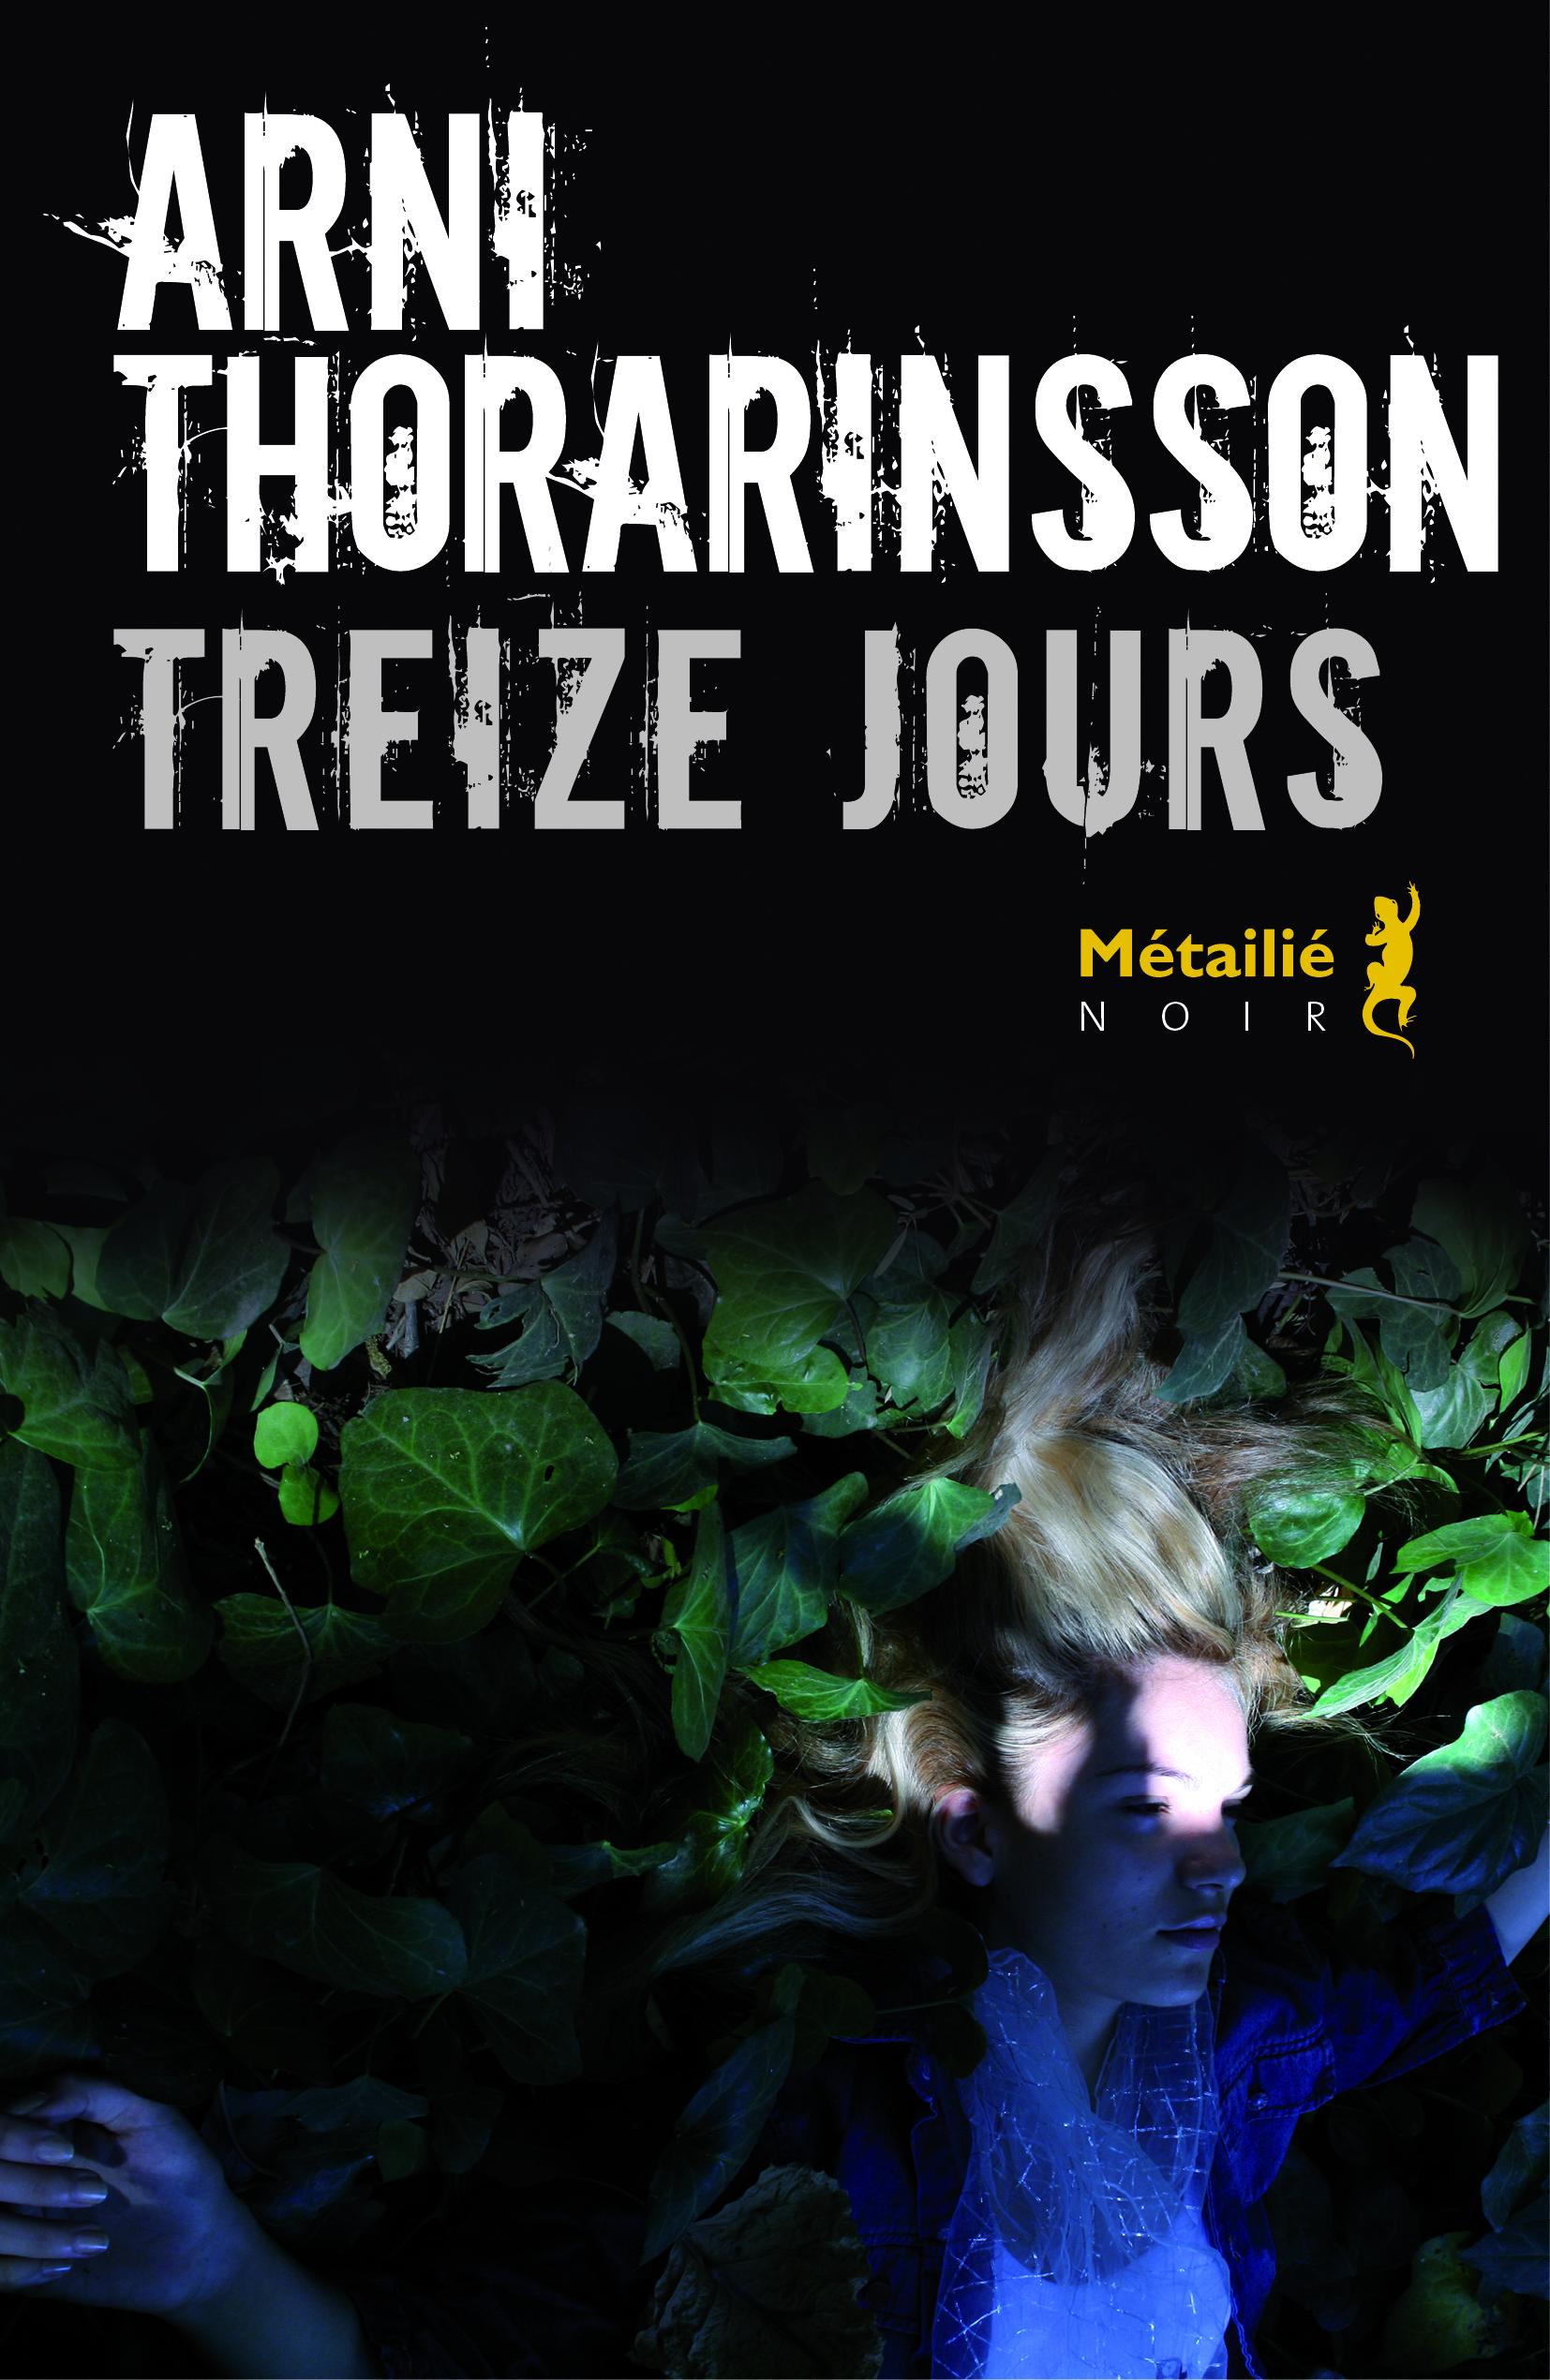 editions-metailie.com-les-fils-de-la-poussiere-treize-jours-hd